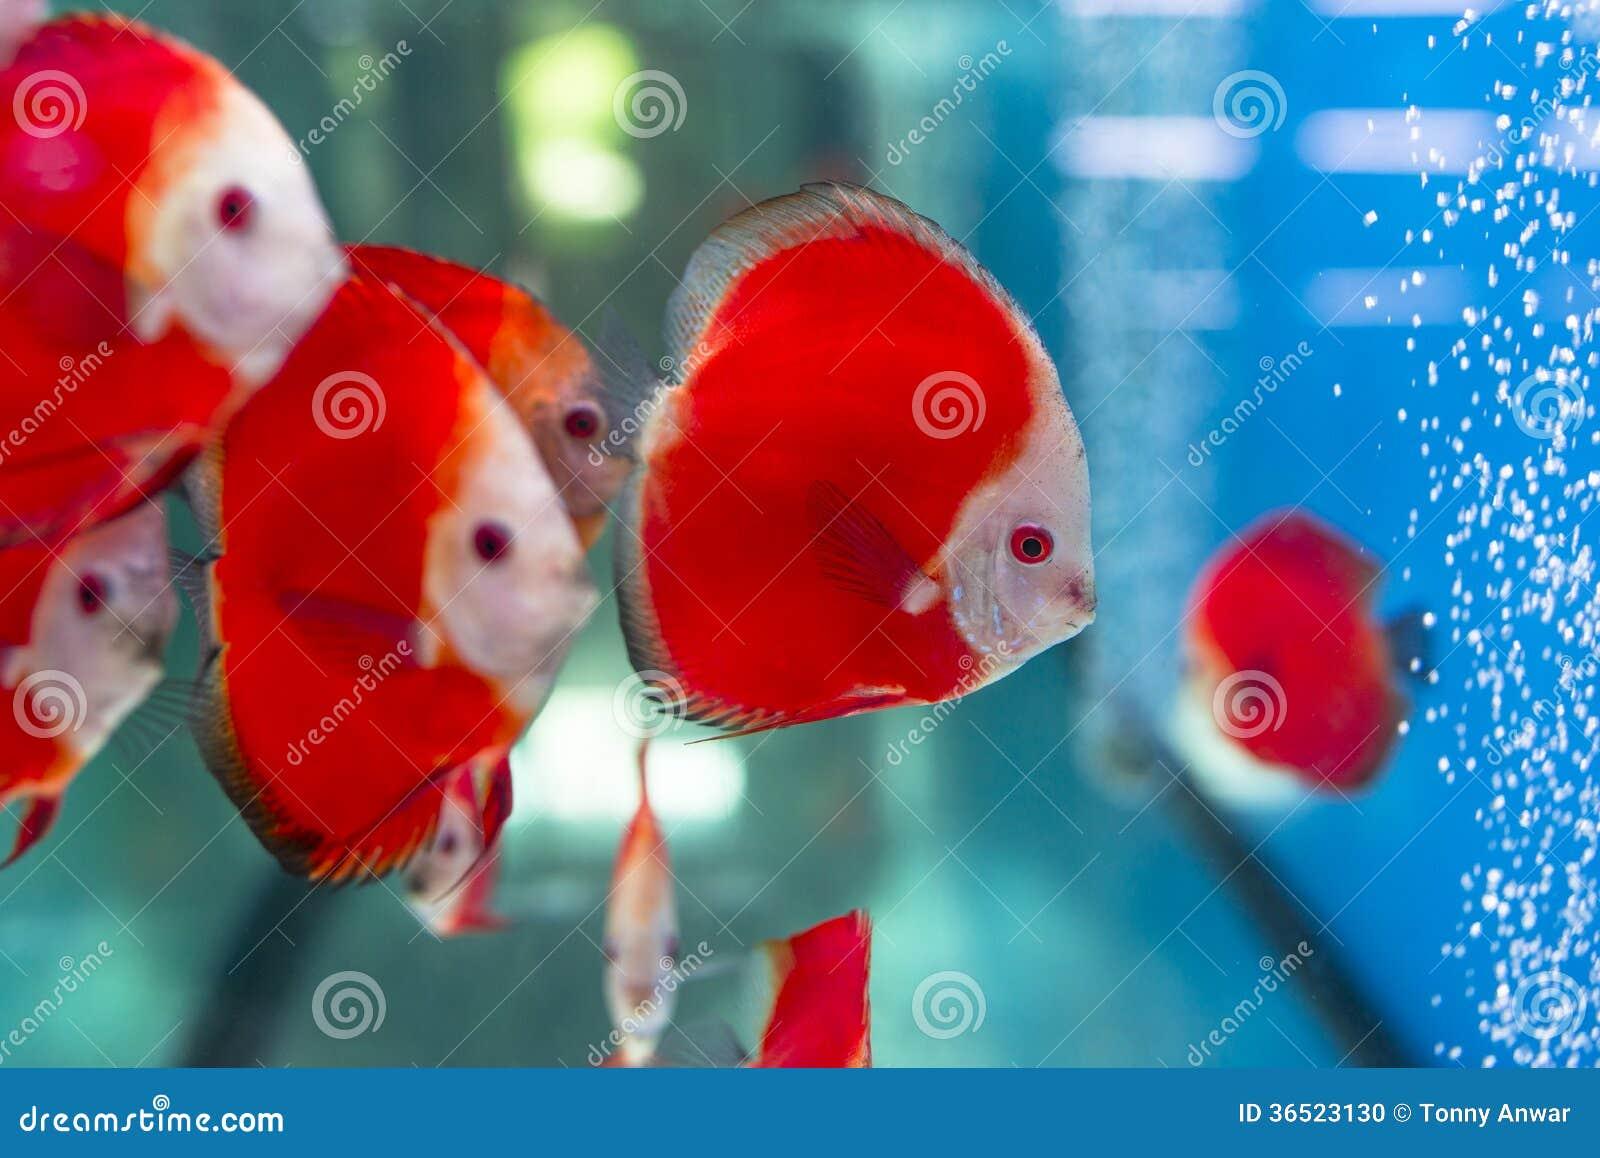 Red Discus Fish stock photo. Image of aquarium, colorful - 36523130